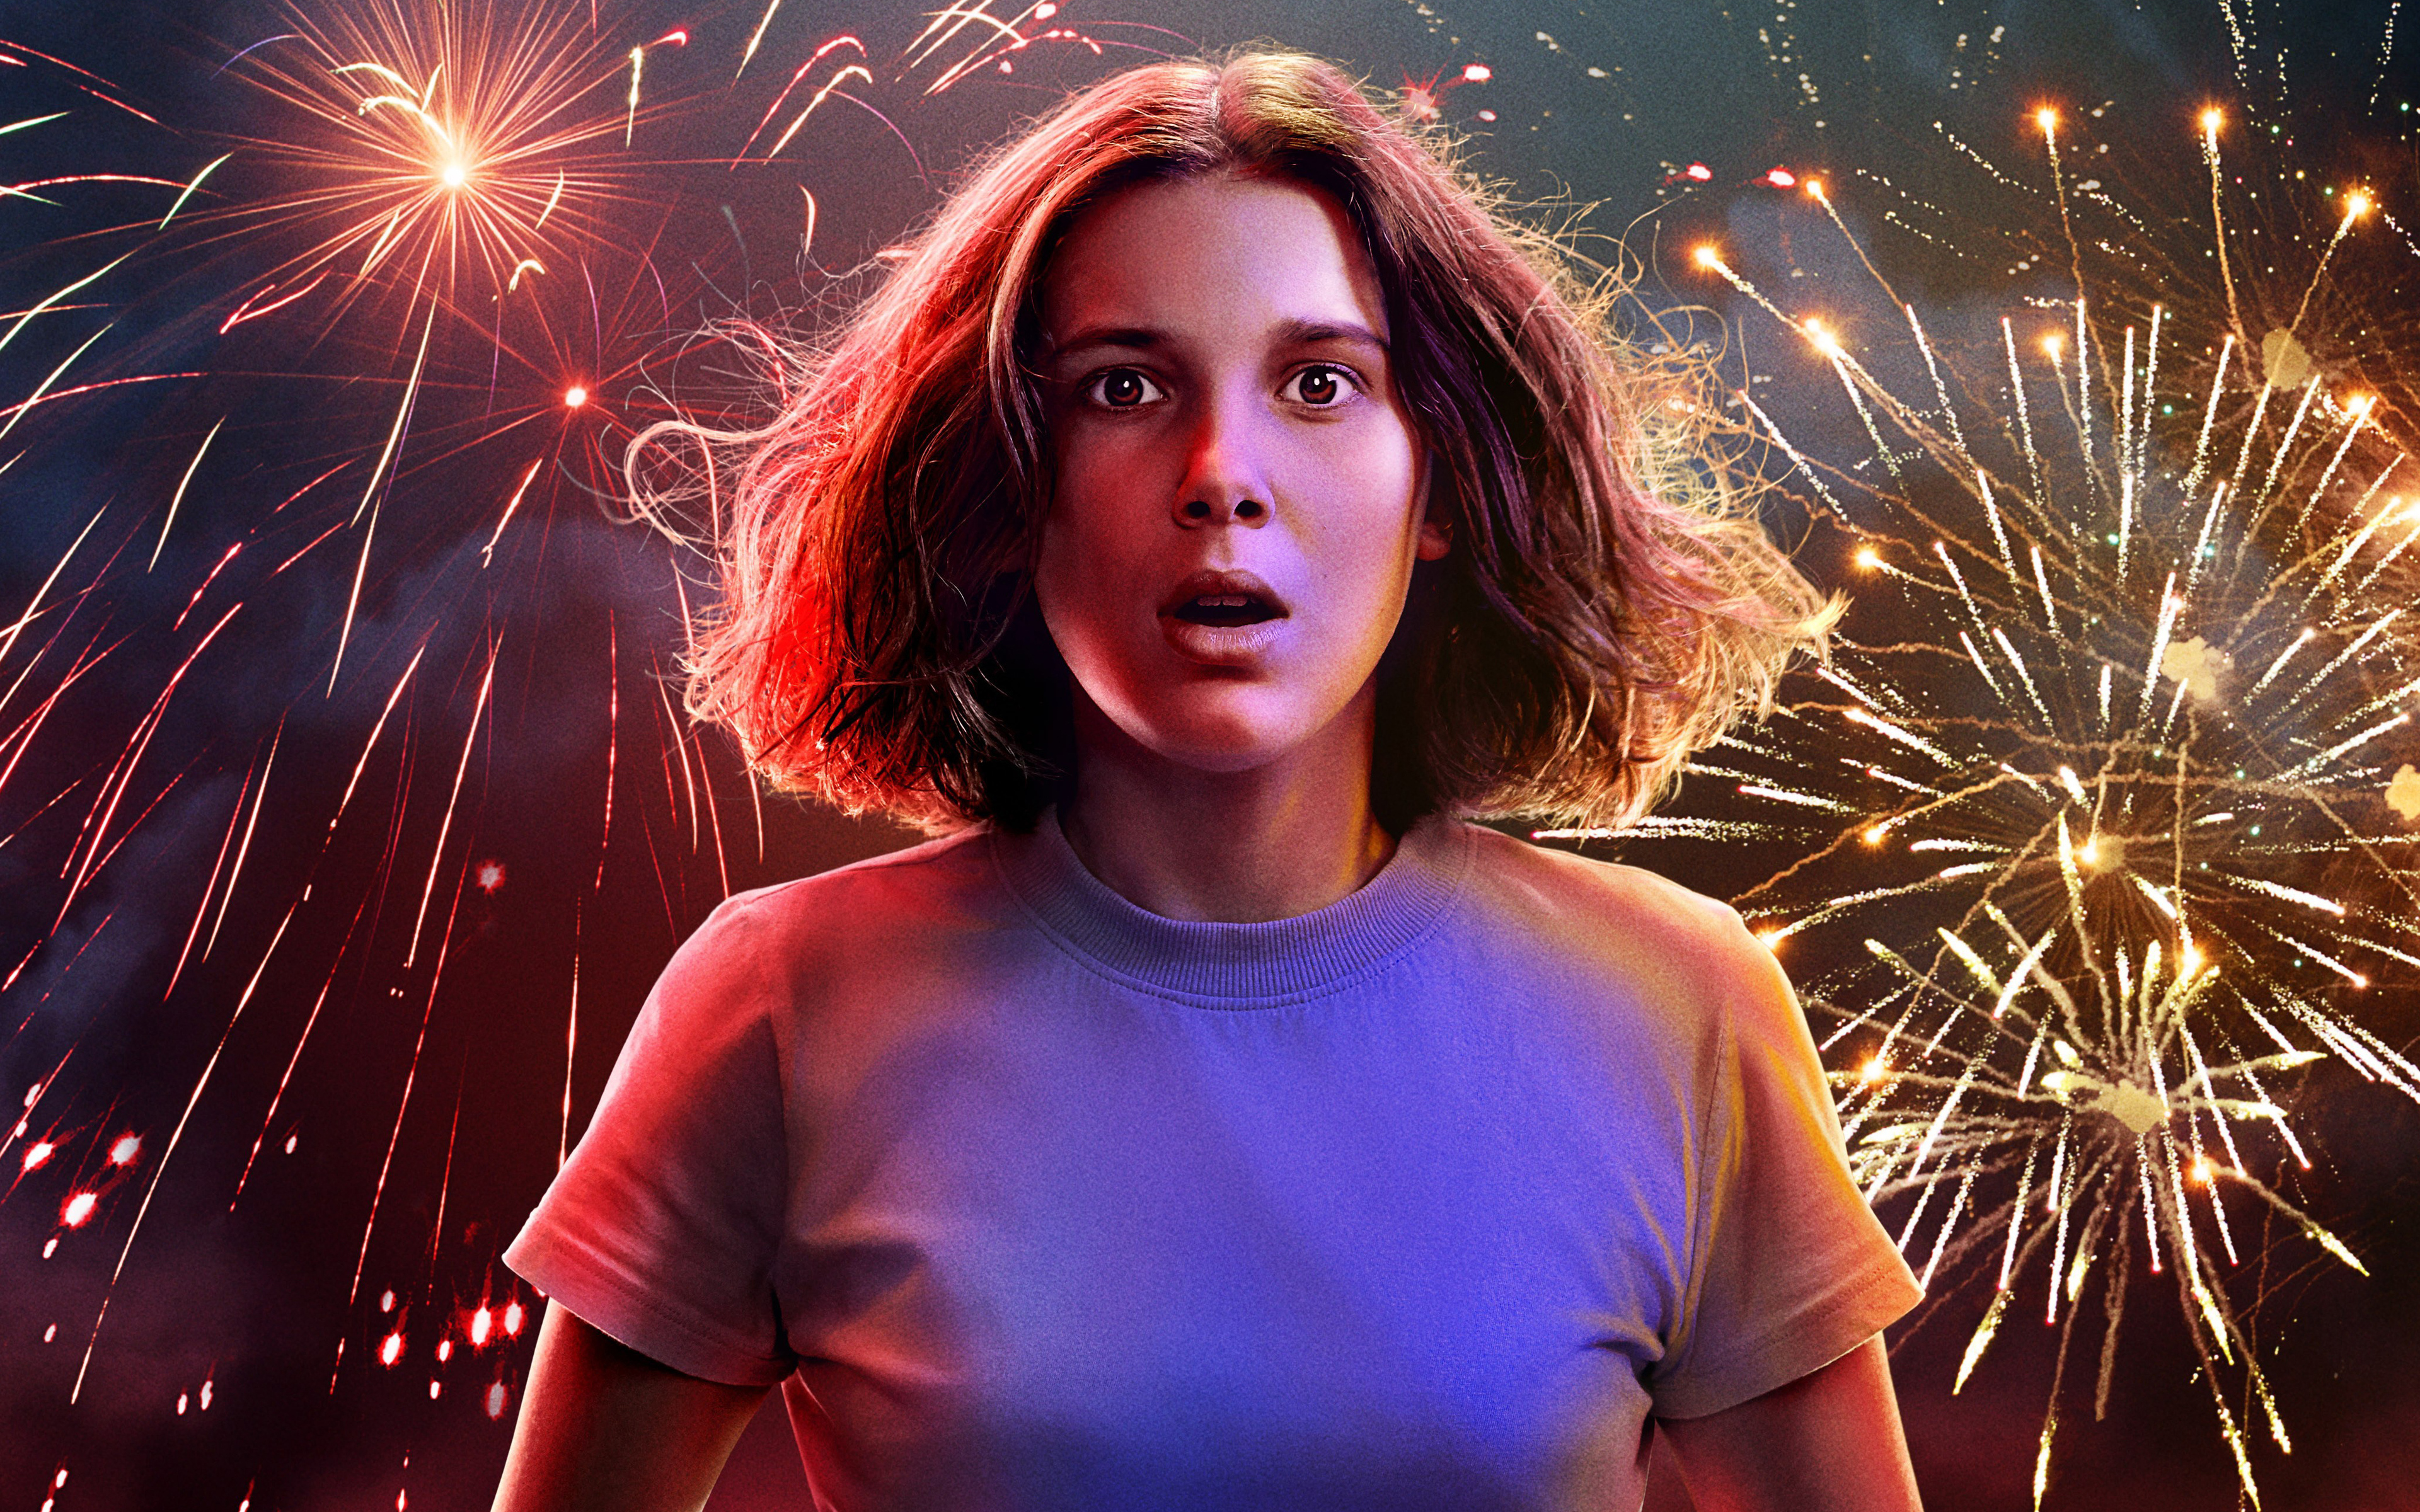 eleven-in-stranger-things-season-3-2019-5k-vs.jpg